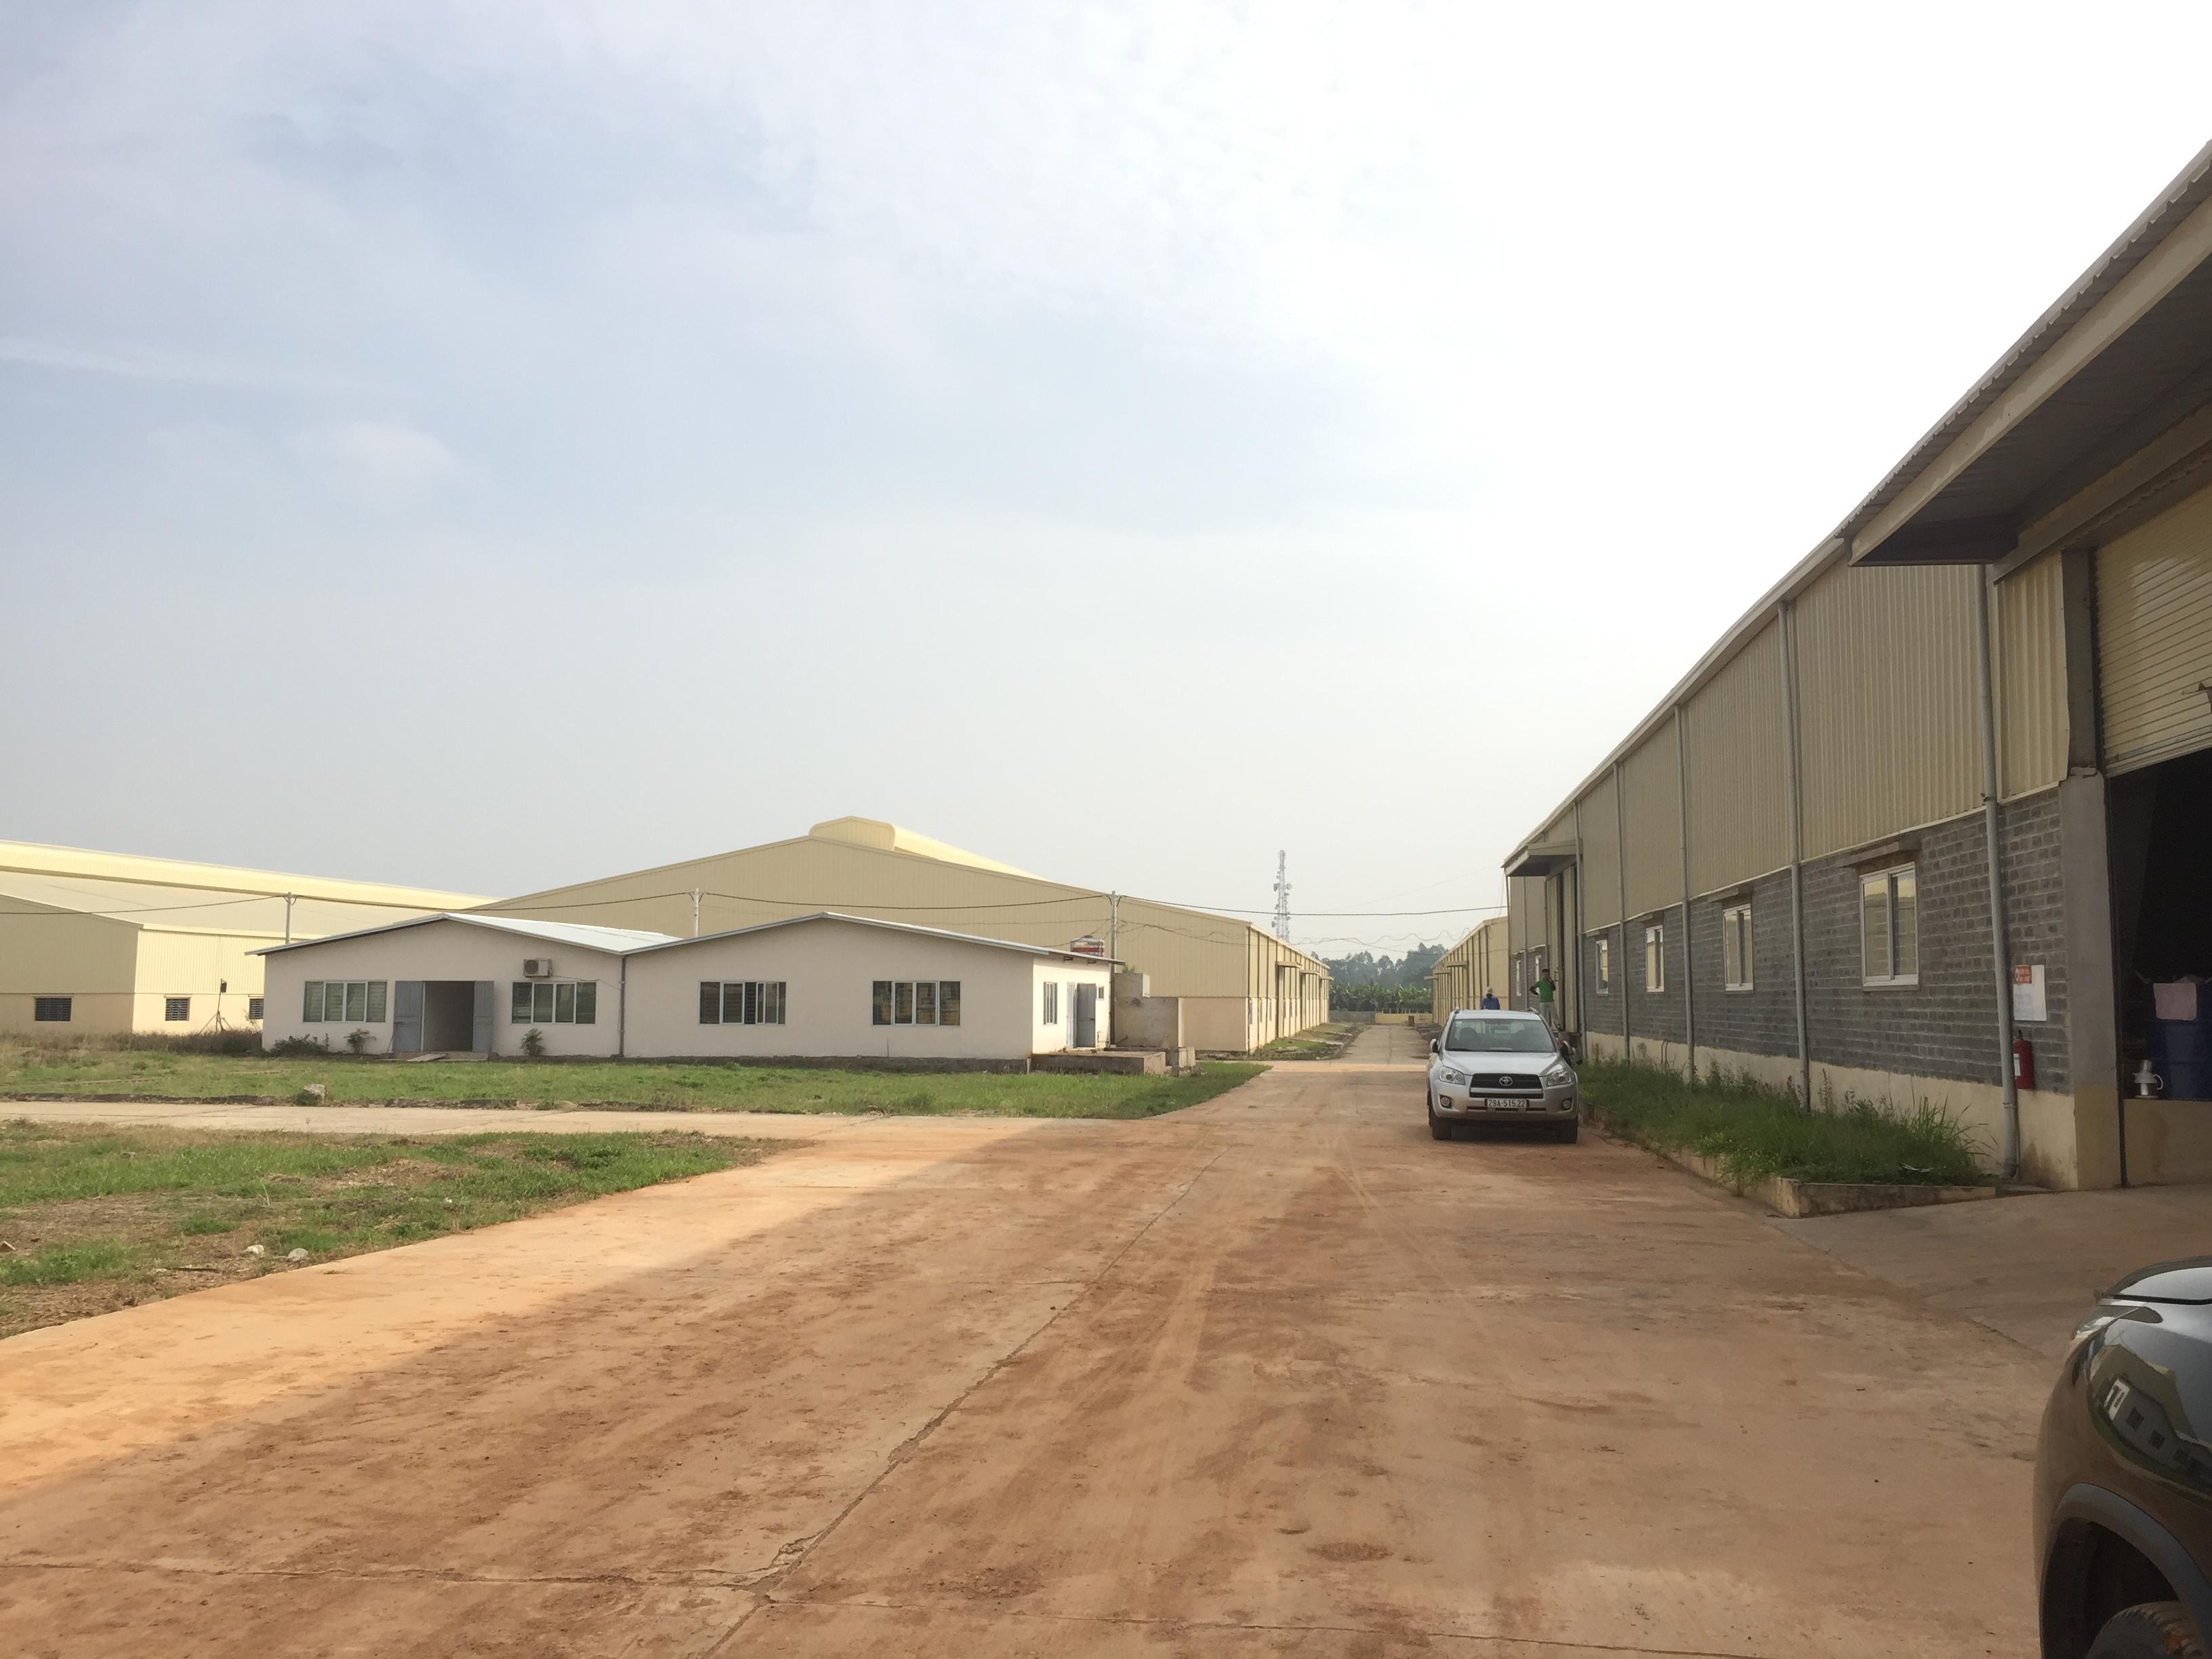 Cho thuê nhà xưởng khu công nghiệp Bạch Hạc Phú Thọ